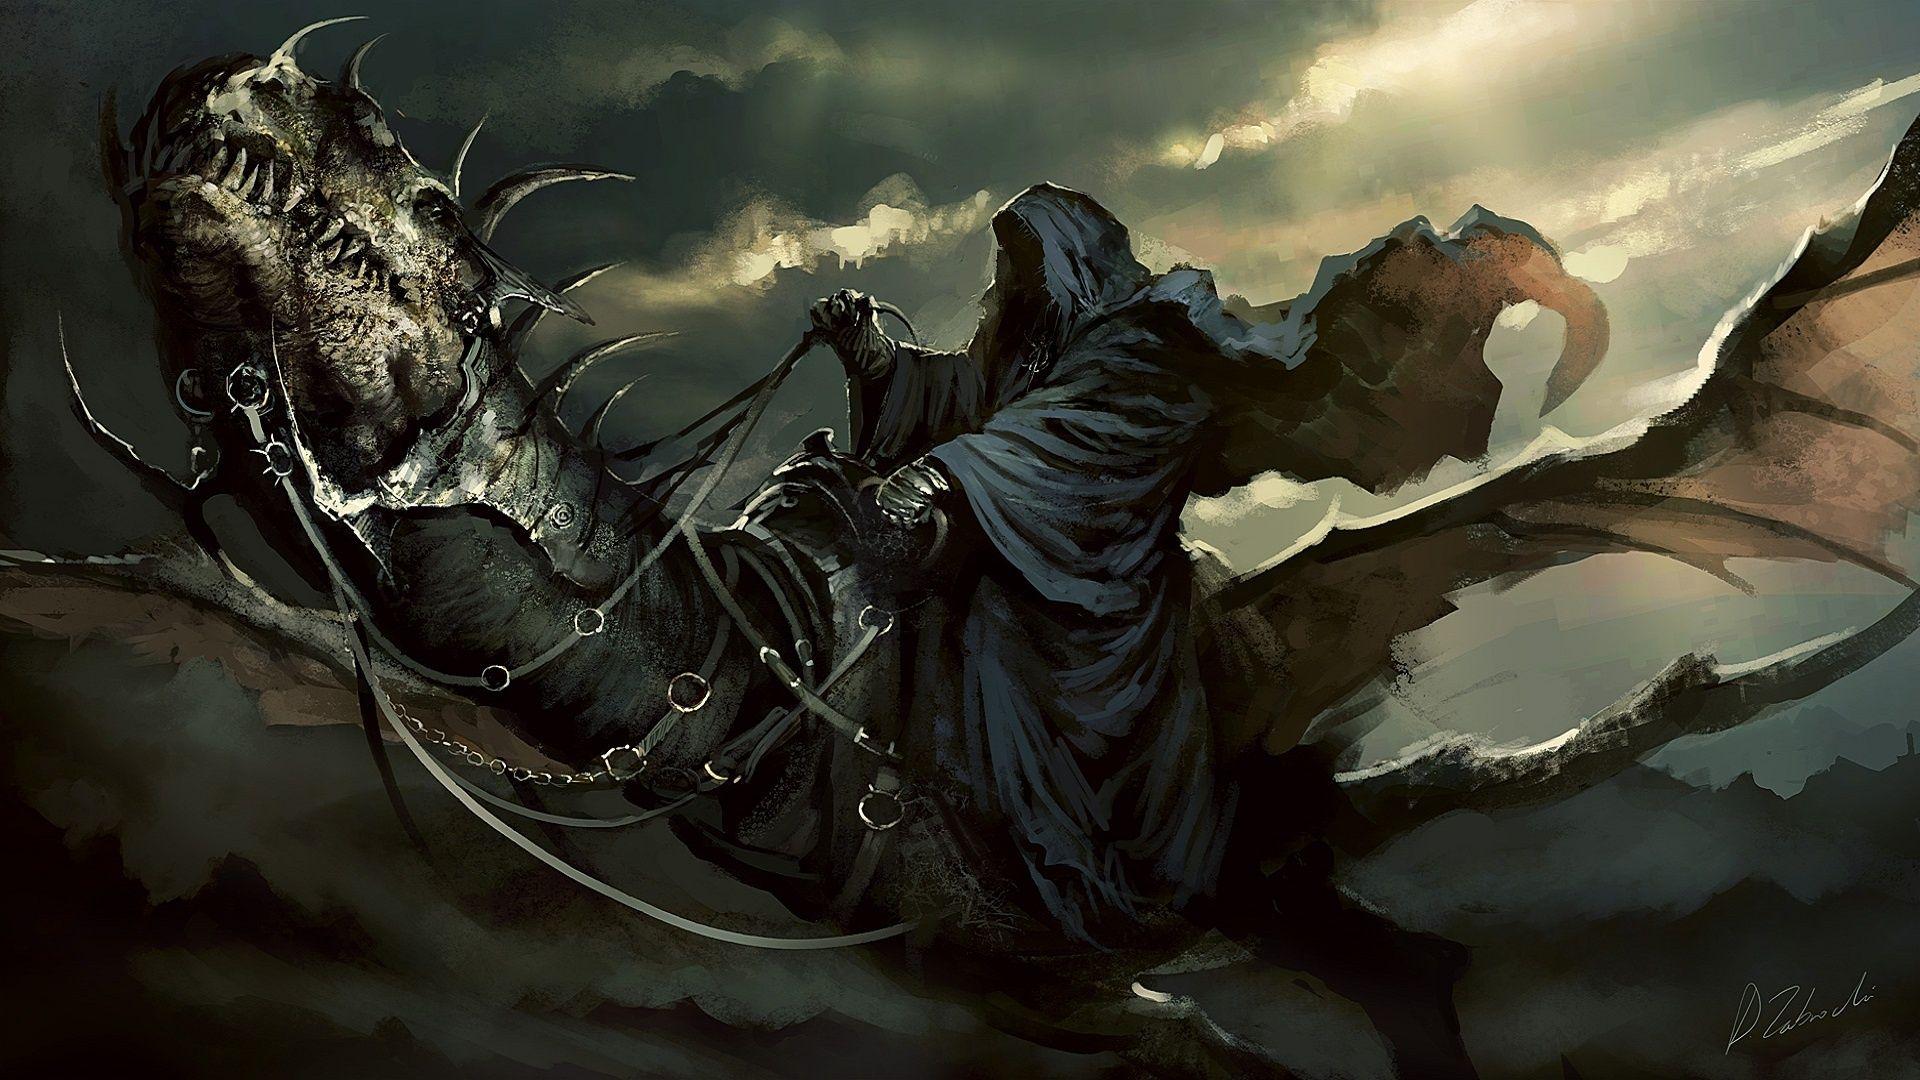 Lord Of The Rings Reaper Dragon Dark Wallpaper 1920x1080